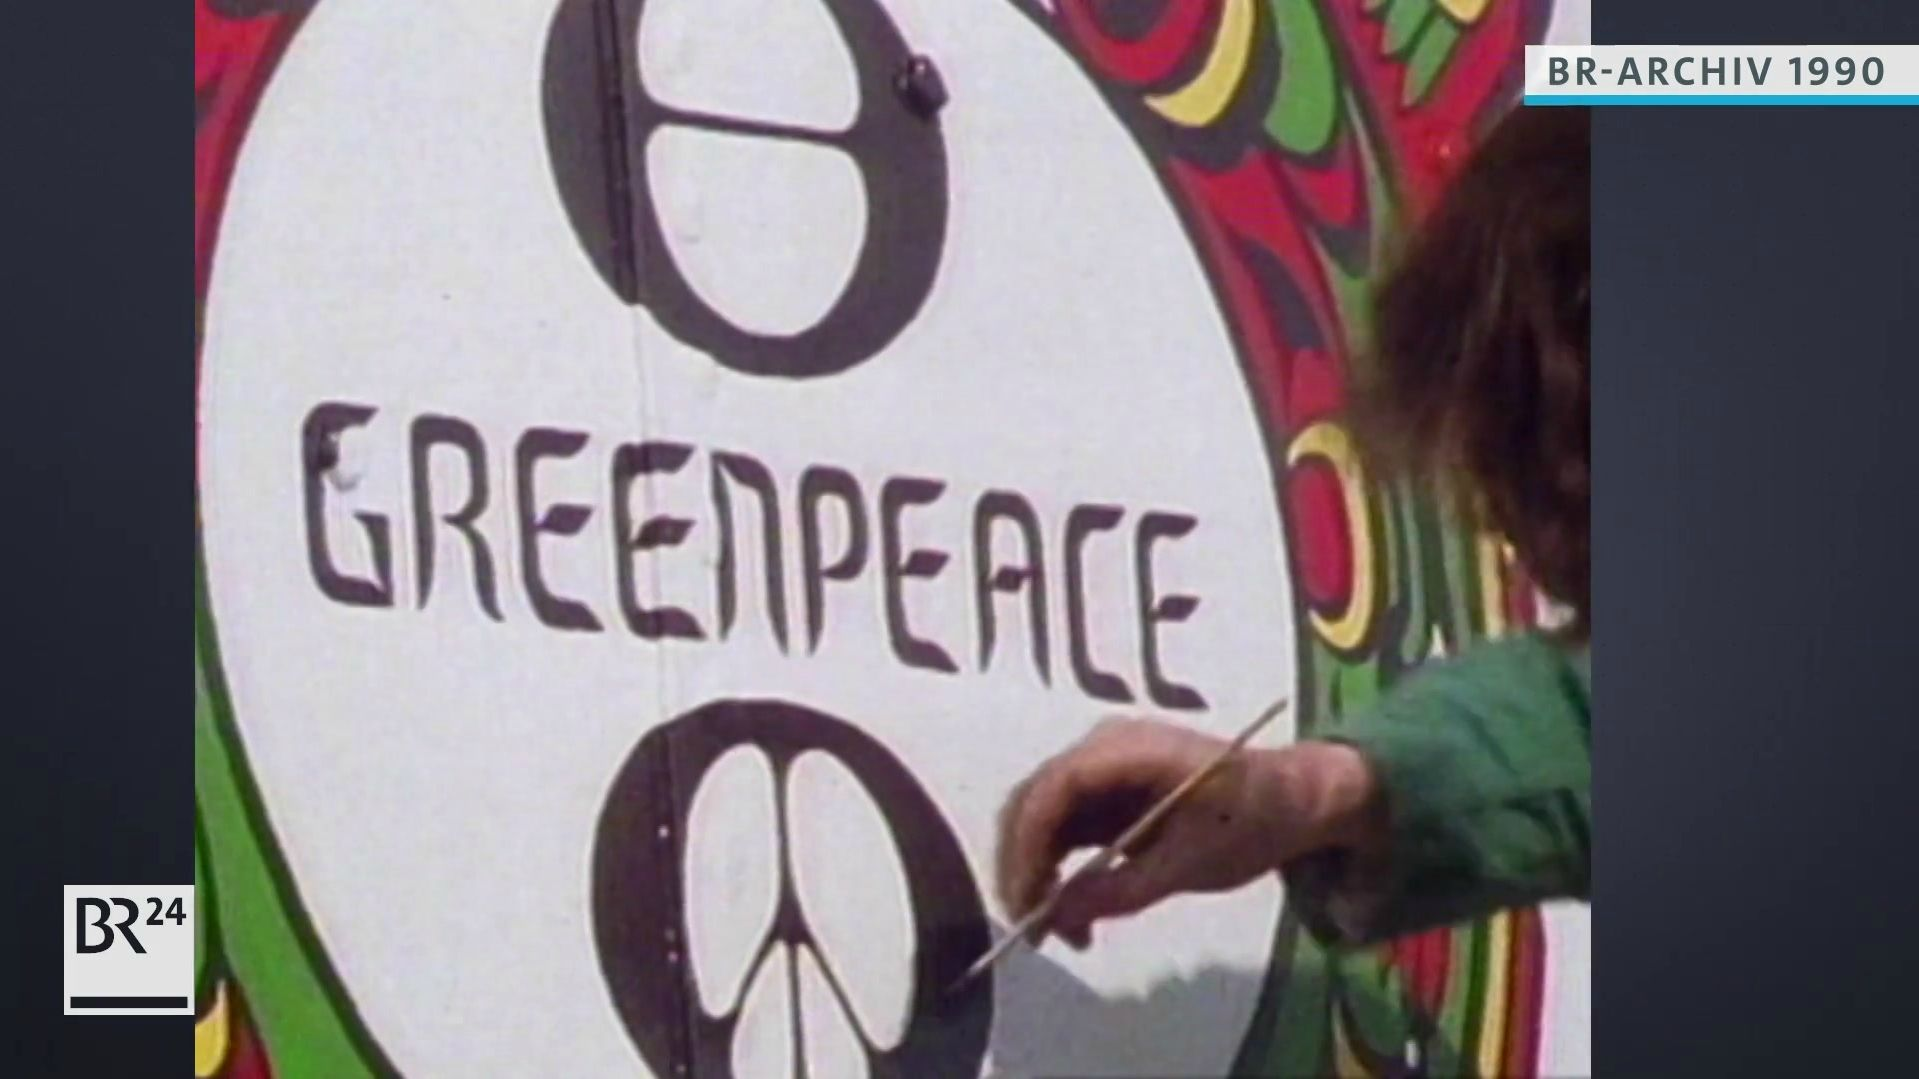 Malen eines Greenpeace-Logos